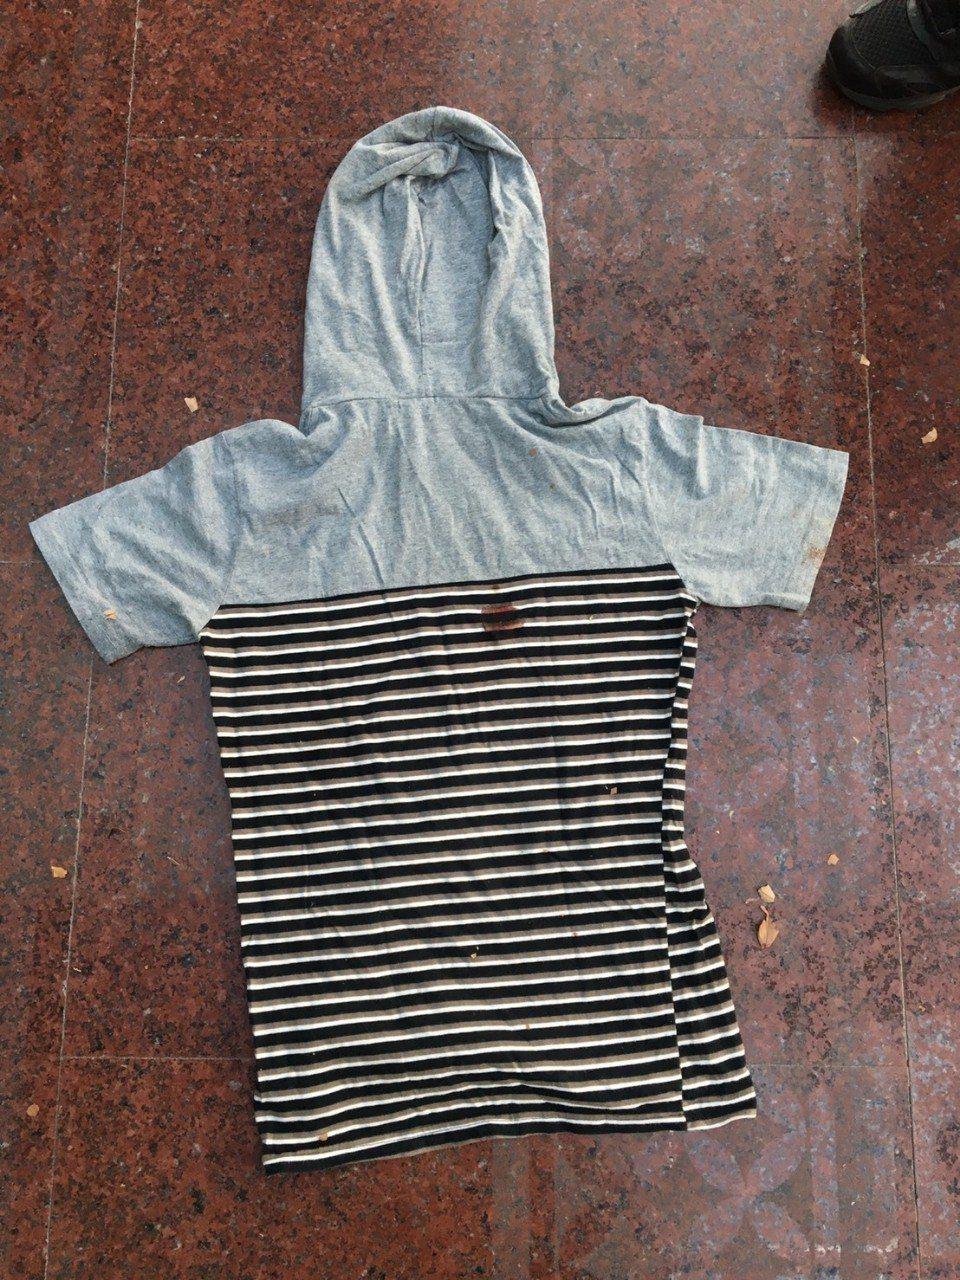 女嬰以條紋連身衣包裹。